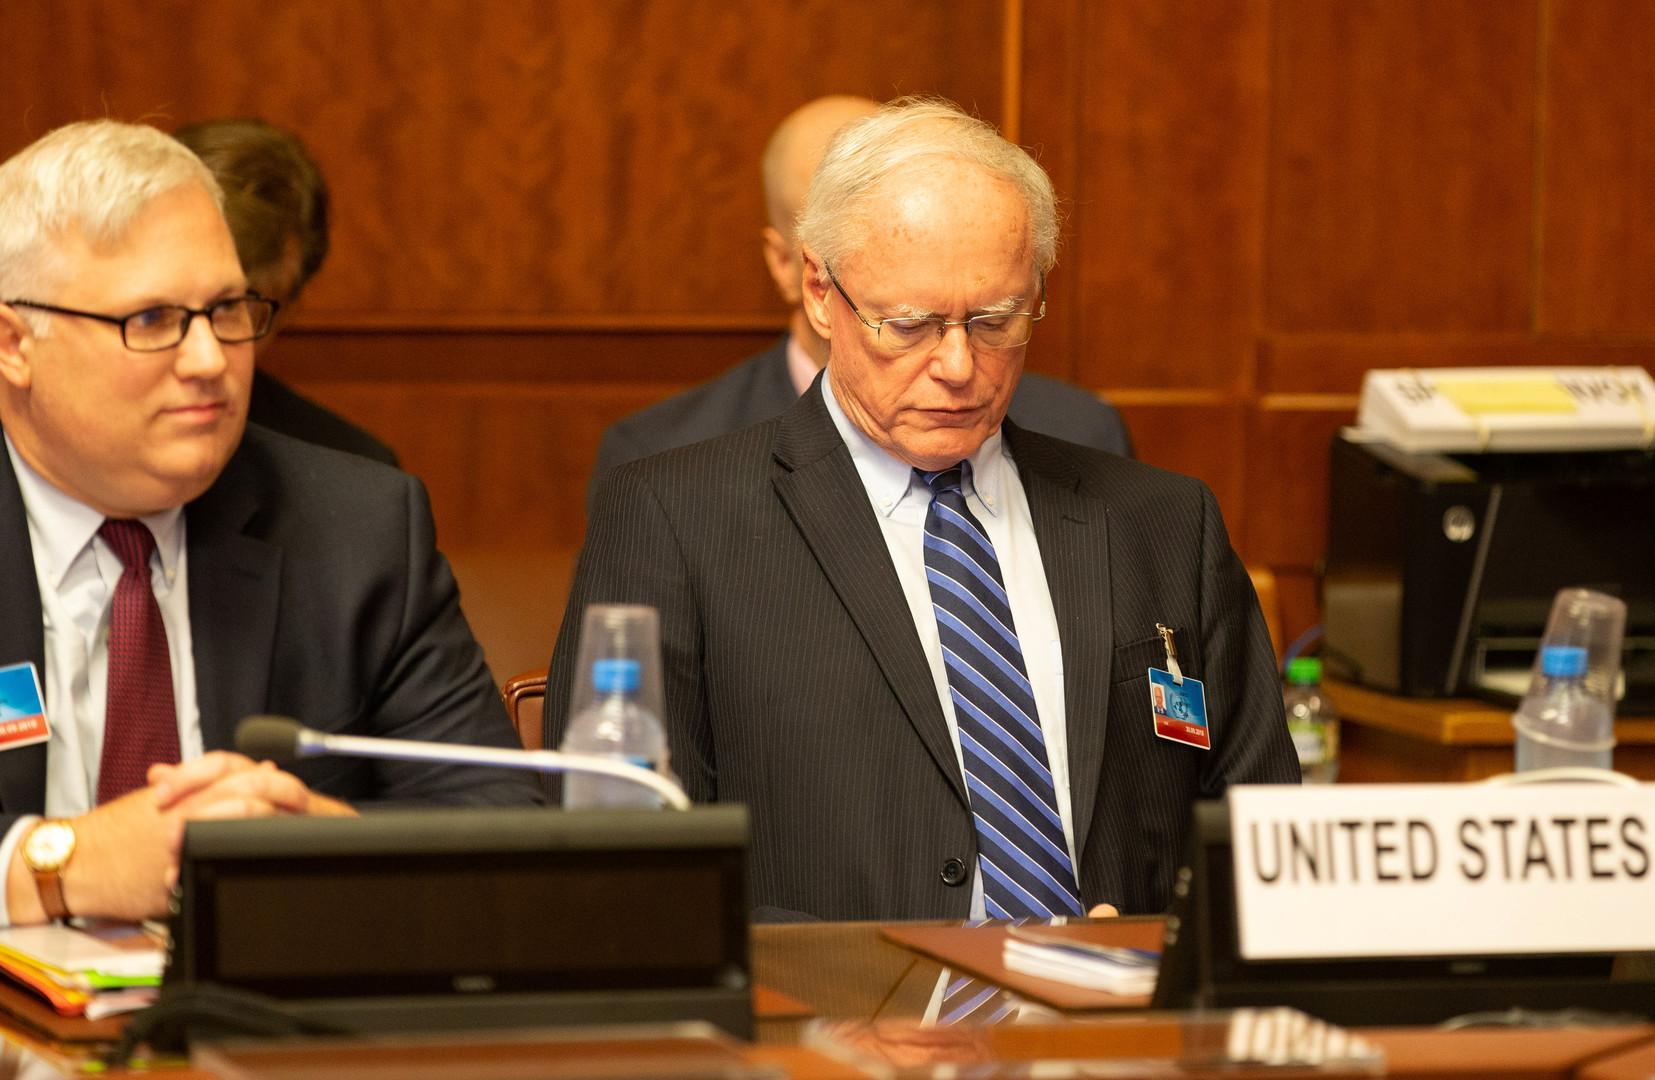 المبعوث الأمريكي إلى الشأن السوري جيمس جيفري